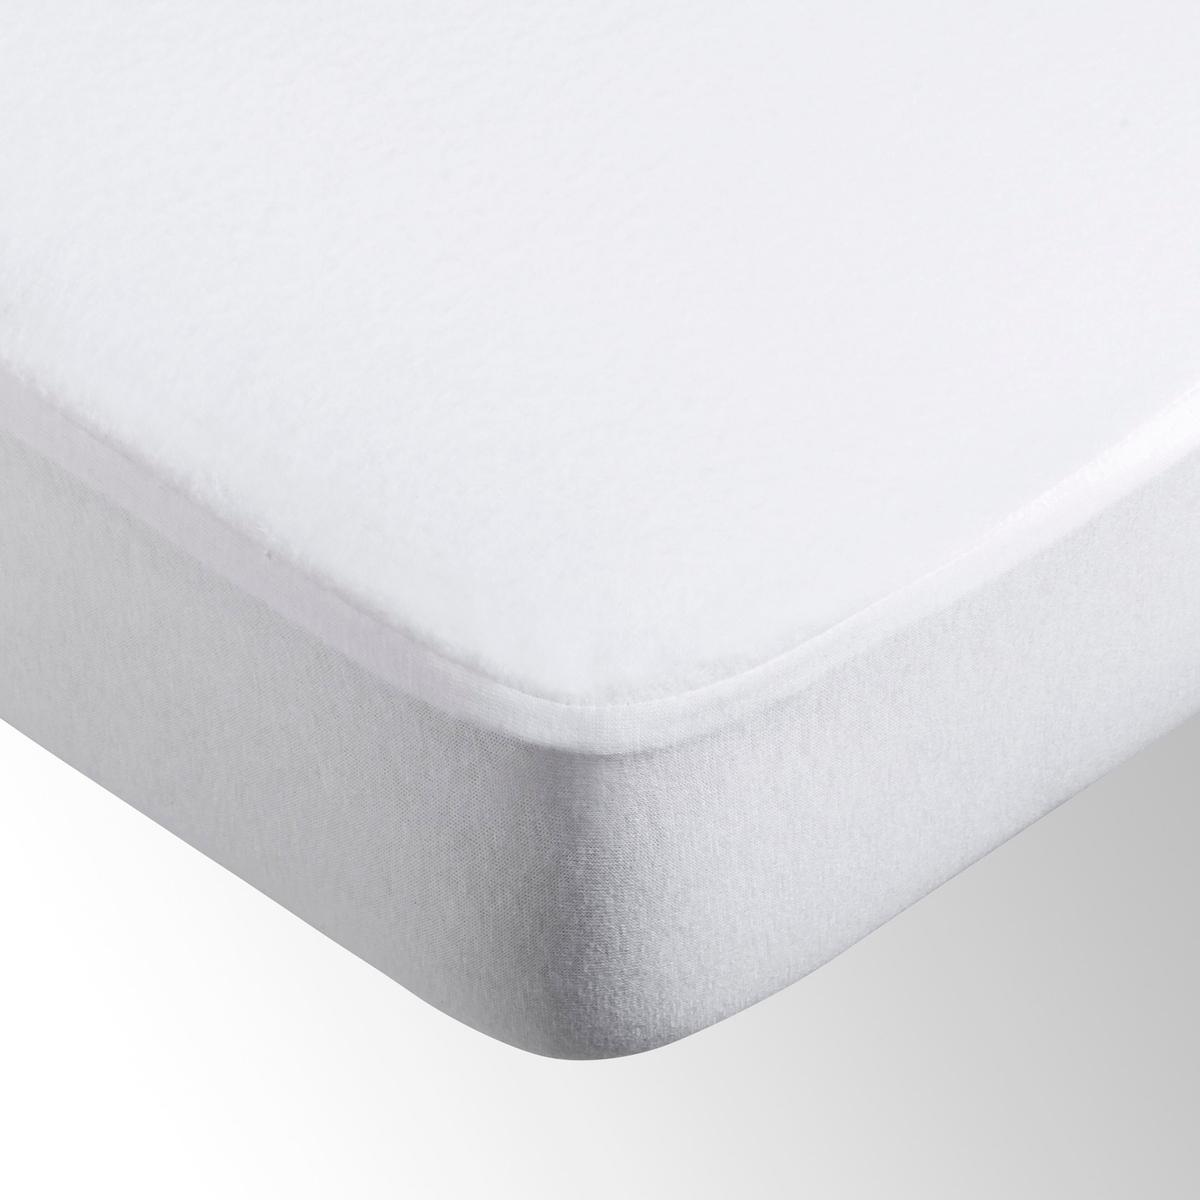 Чехол защитный для матраса непромокаемый из эластичной микрофибрыНепромокаемый защитный чехол для матраса из эластичной микрофибры: эластичный мольтон с начесом, 100% микроволокно полиэстера, покрыт полиуретановой пленкой, гарантирующей непромокаемость и дышащие свойства, 200г/м?. Микрофибра является прекрасным барьером для пыли и клещей.Клапан из джерси, 100% хлопок, 4 уголка (25 см).Стирка при температуре до 60°.Сертификат OEKO-TEX.<br><br>Цвет: белый